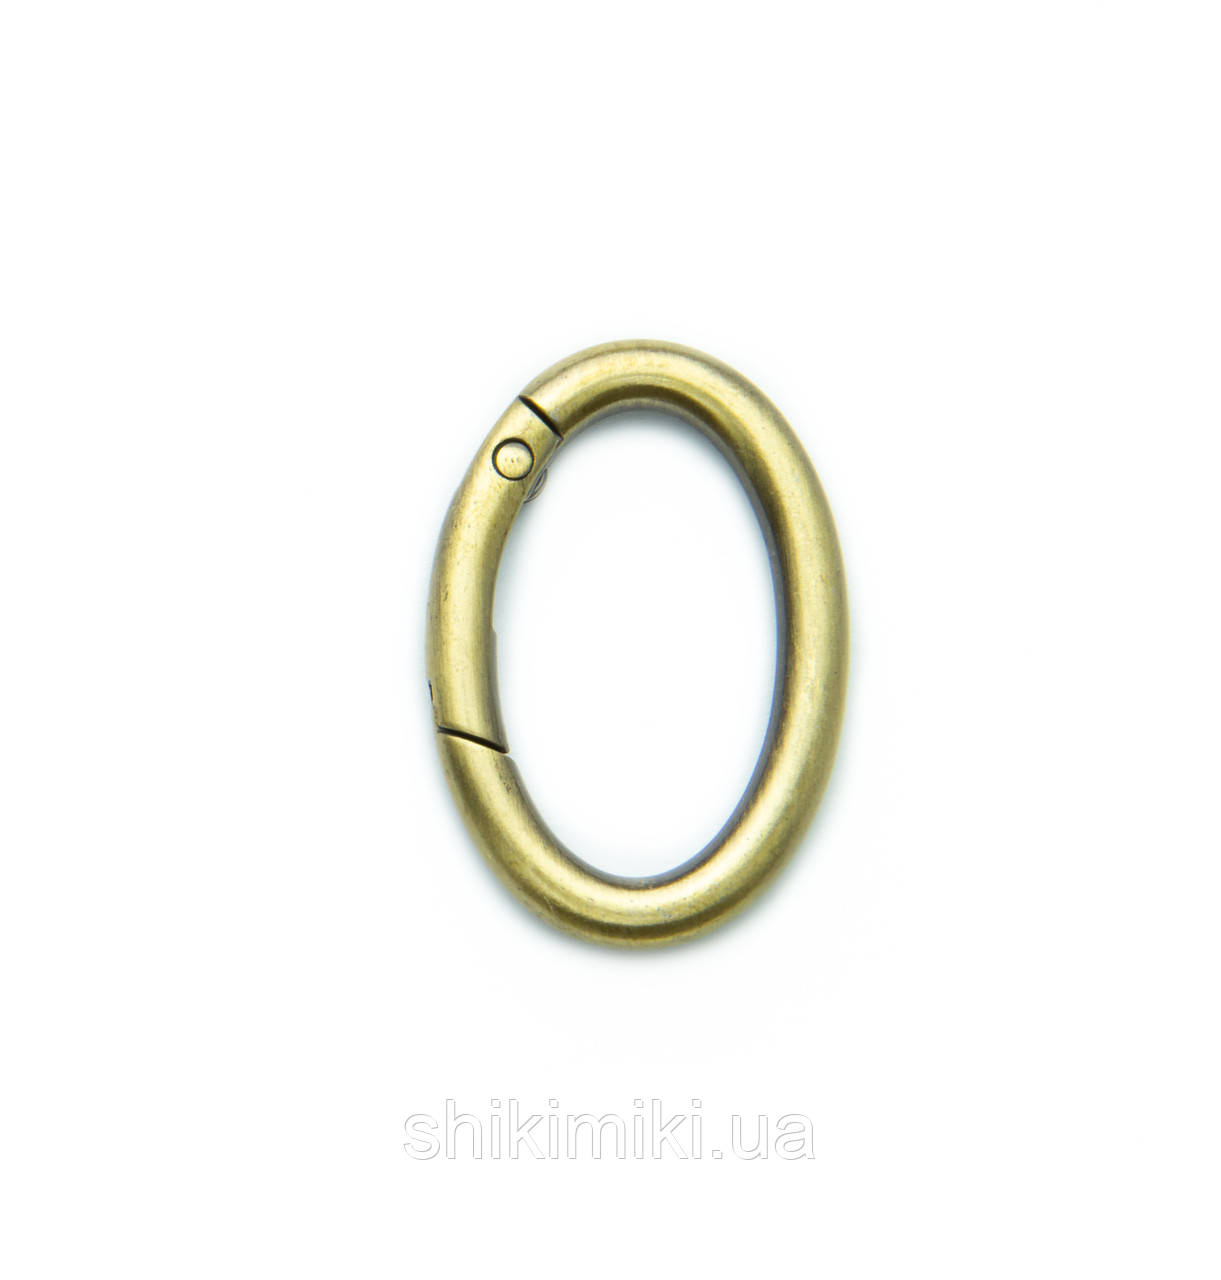 Кольцо-карабин овальное KK1932-4 (32 мм), цвет светлый антик